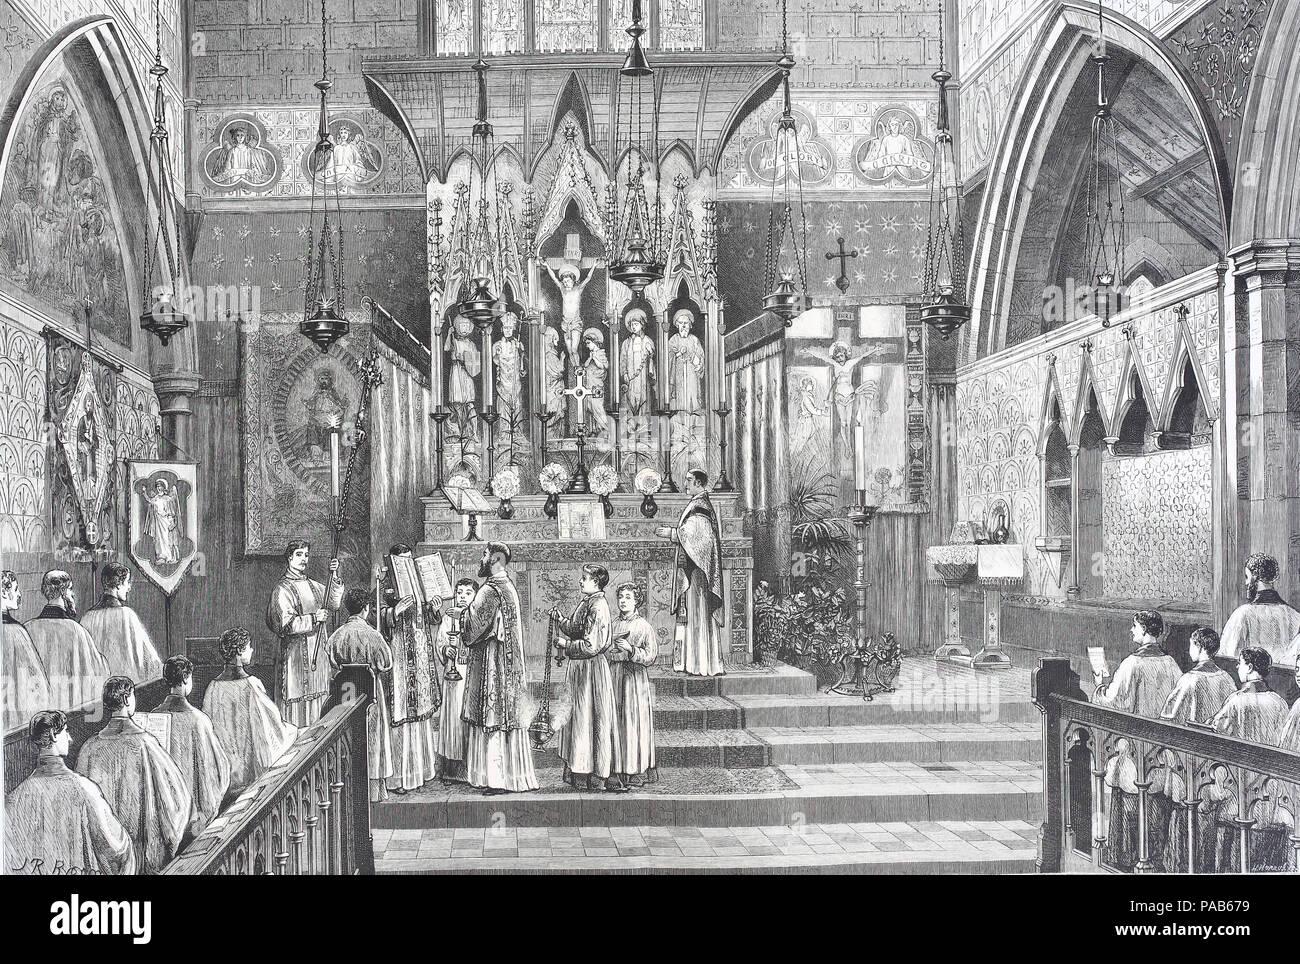 Rituale avanzata nella chiesa di Inghilterra, alta celebrazione: il diacono il canto del Vangelo, digitale migliorata la riproduzione di un originale xilografia stampa da l'anno 1881 Immagini Stock